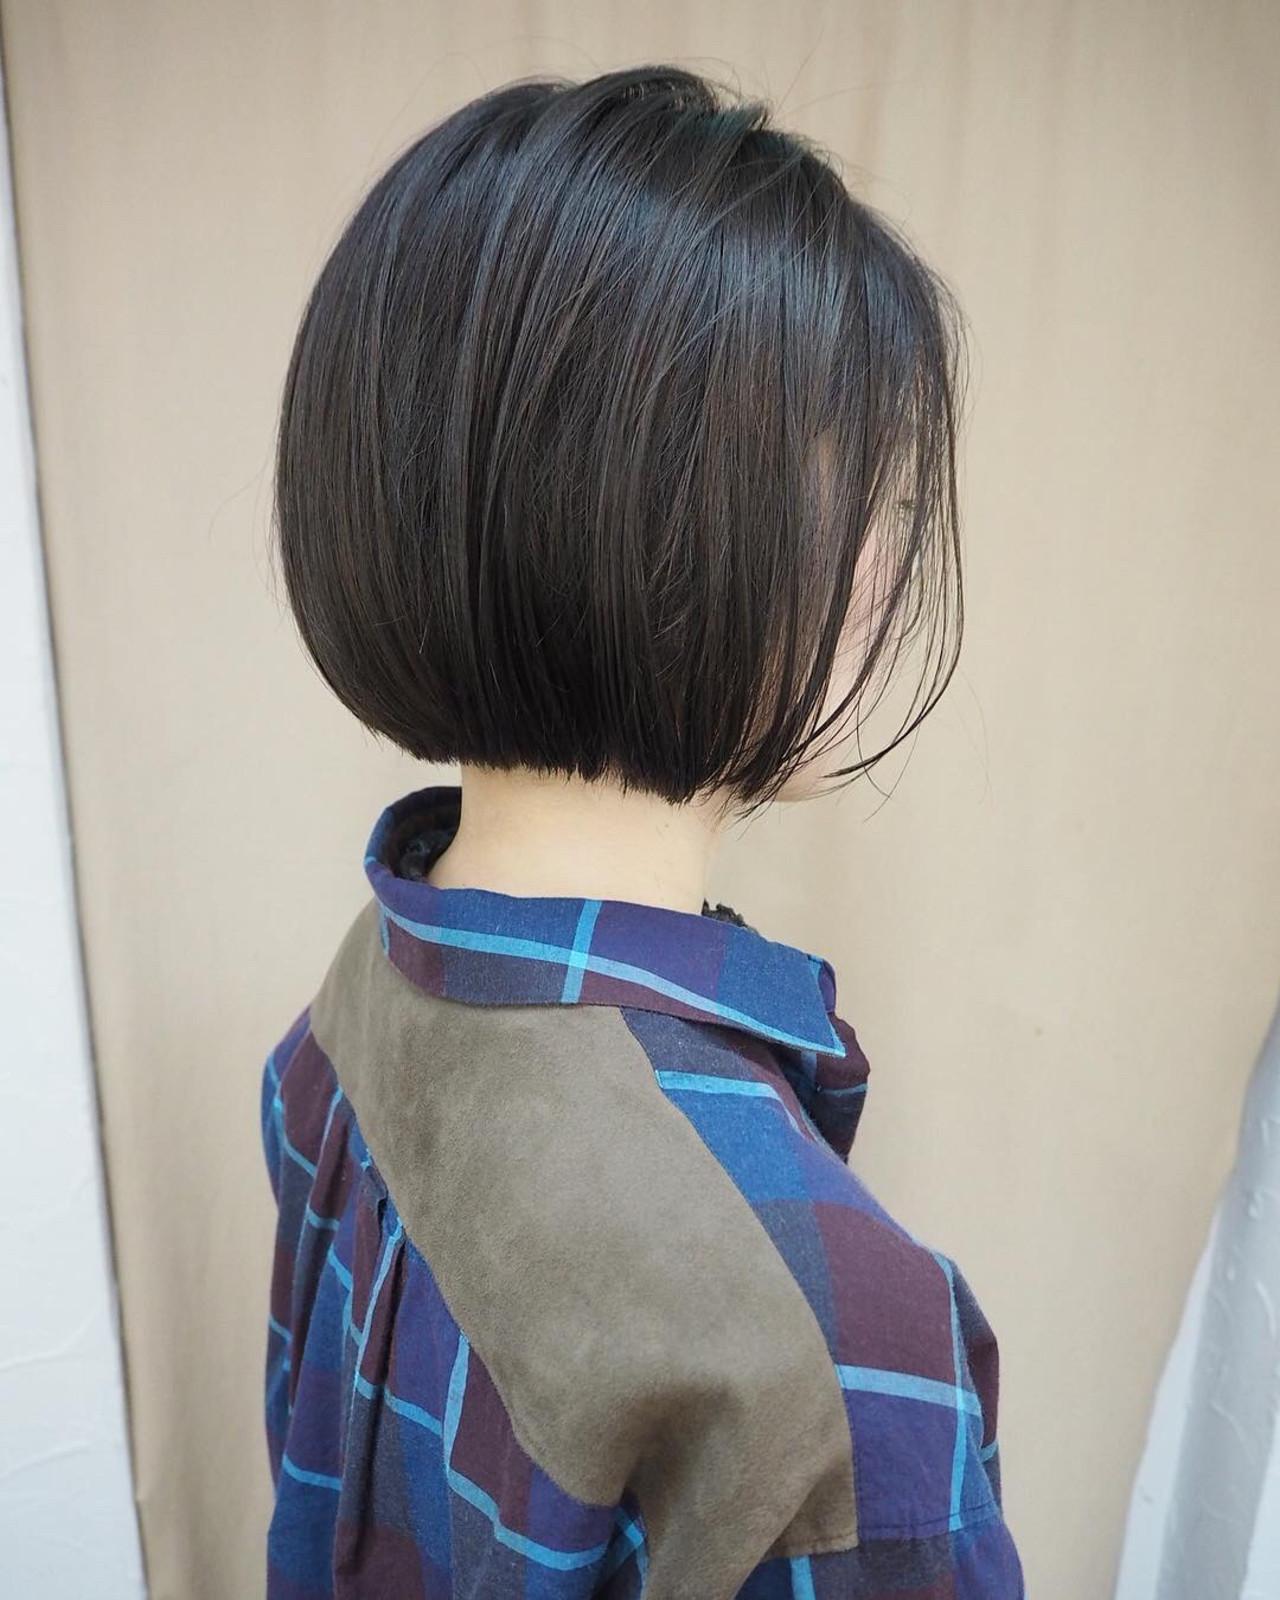 デート 黒髪 ショートボブ ミニボブ ヘアスタイルや髪型の写真・画像 | 宮迫 真美 / airfeel